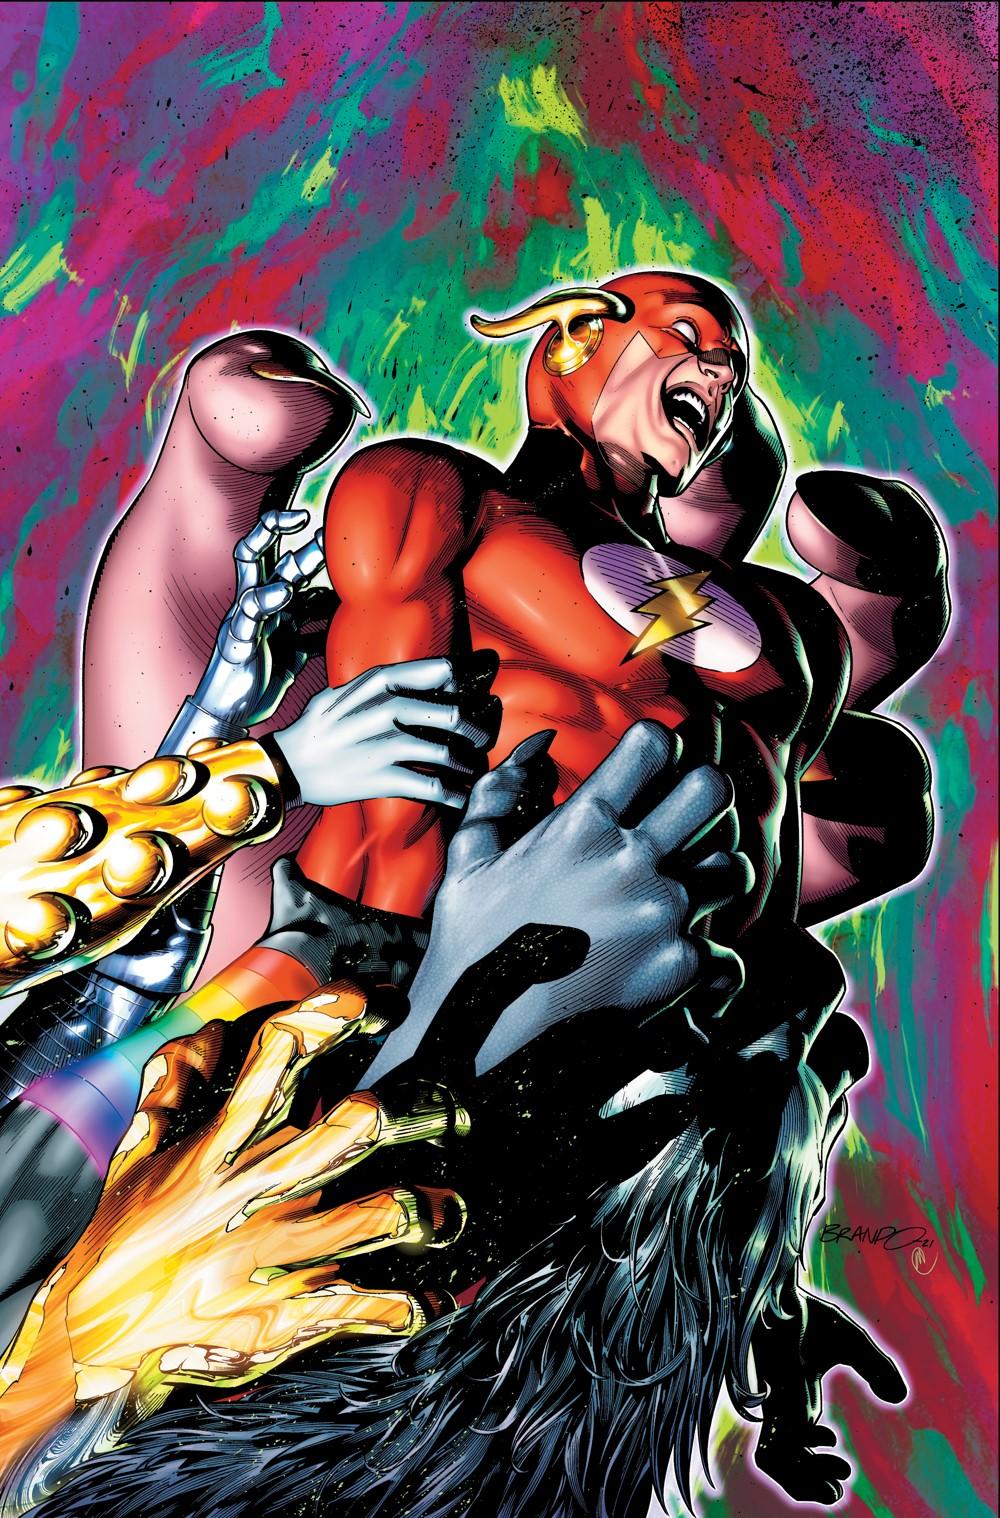 Flash-775-Cover-Inks-600-DPI-WFN DC Comics October 2021 Solicitations